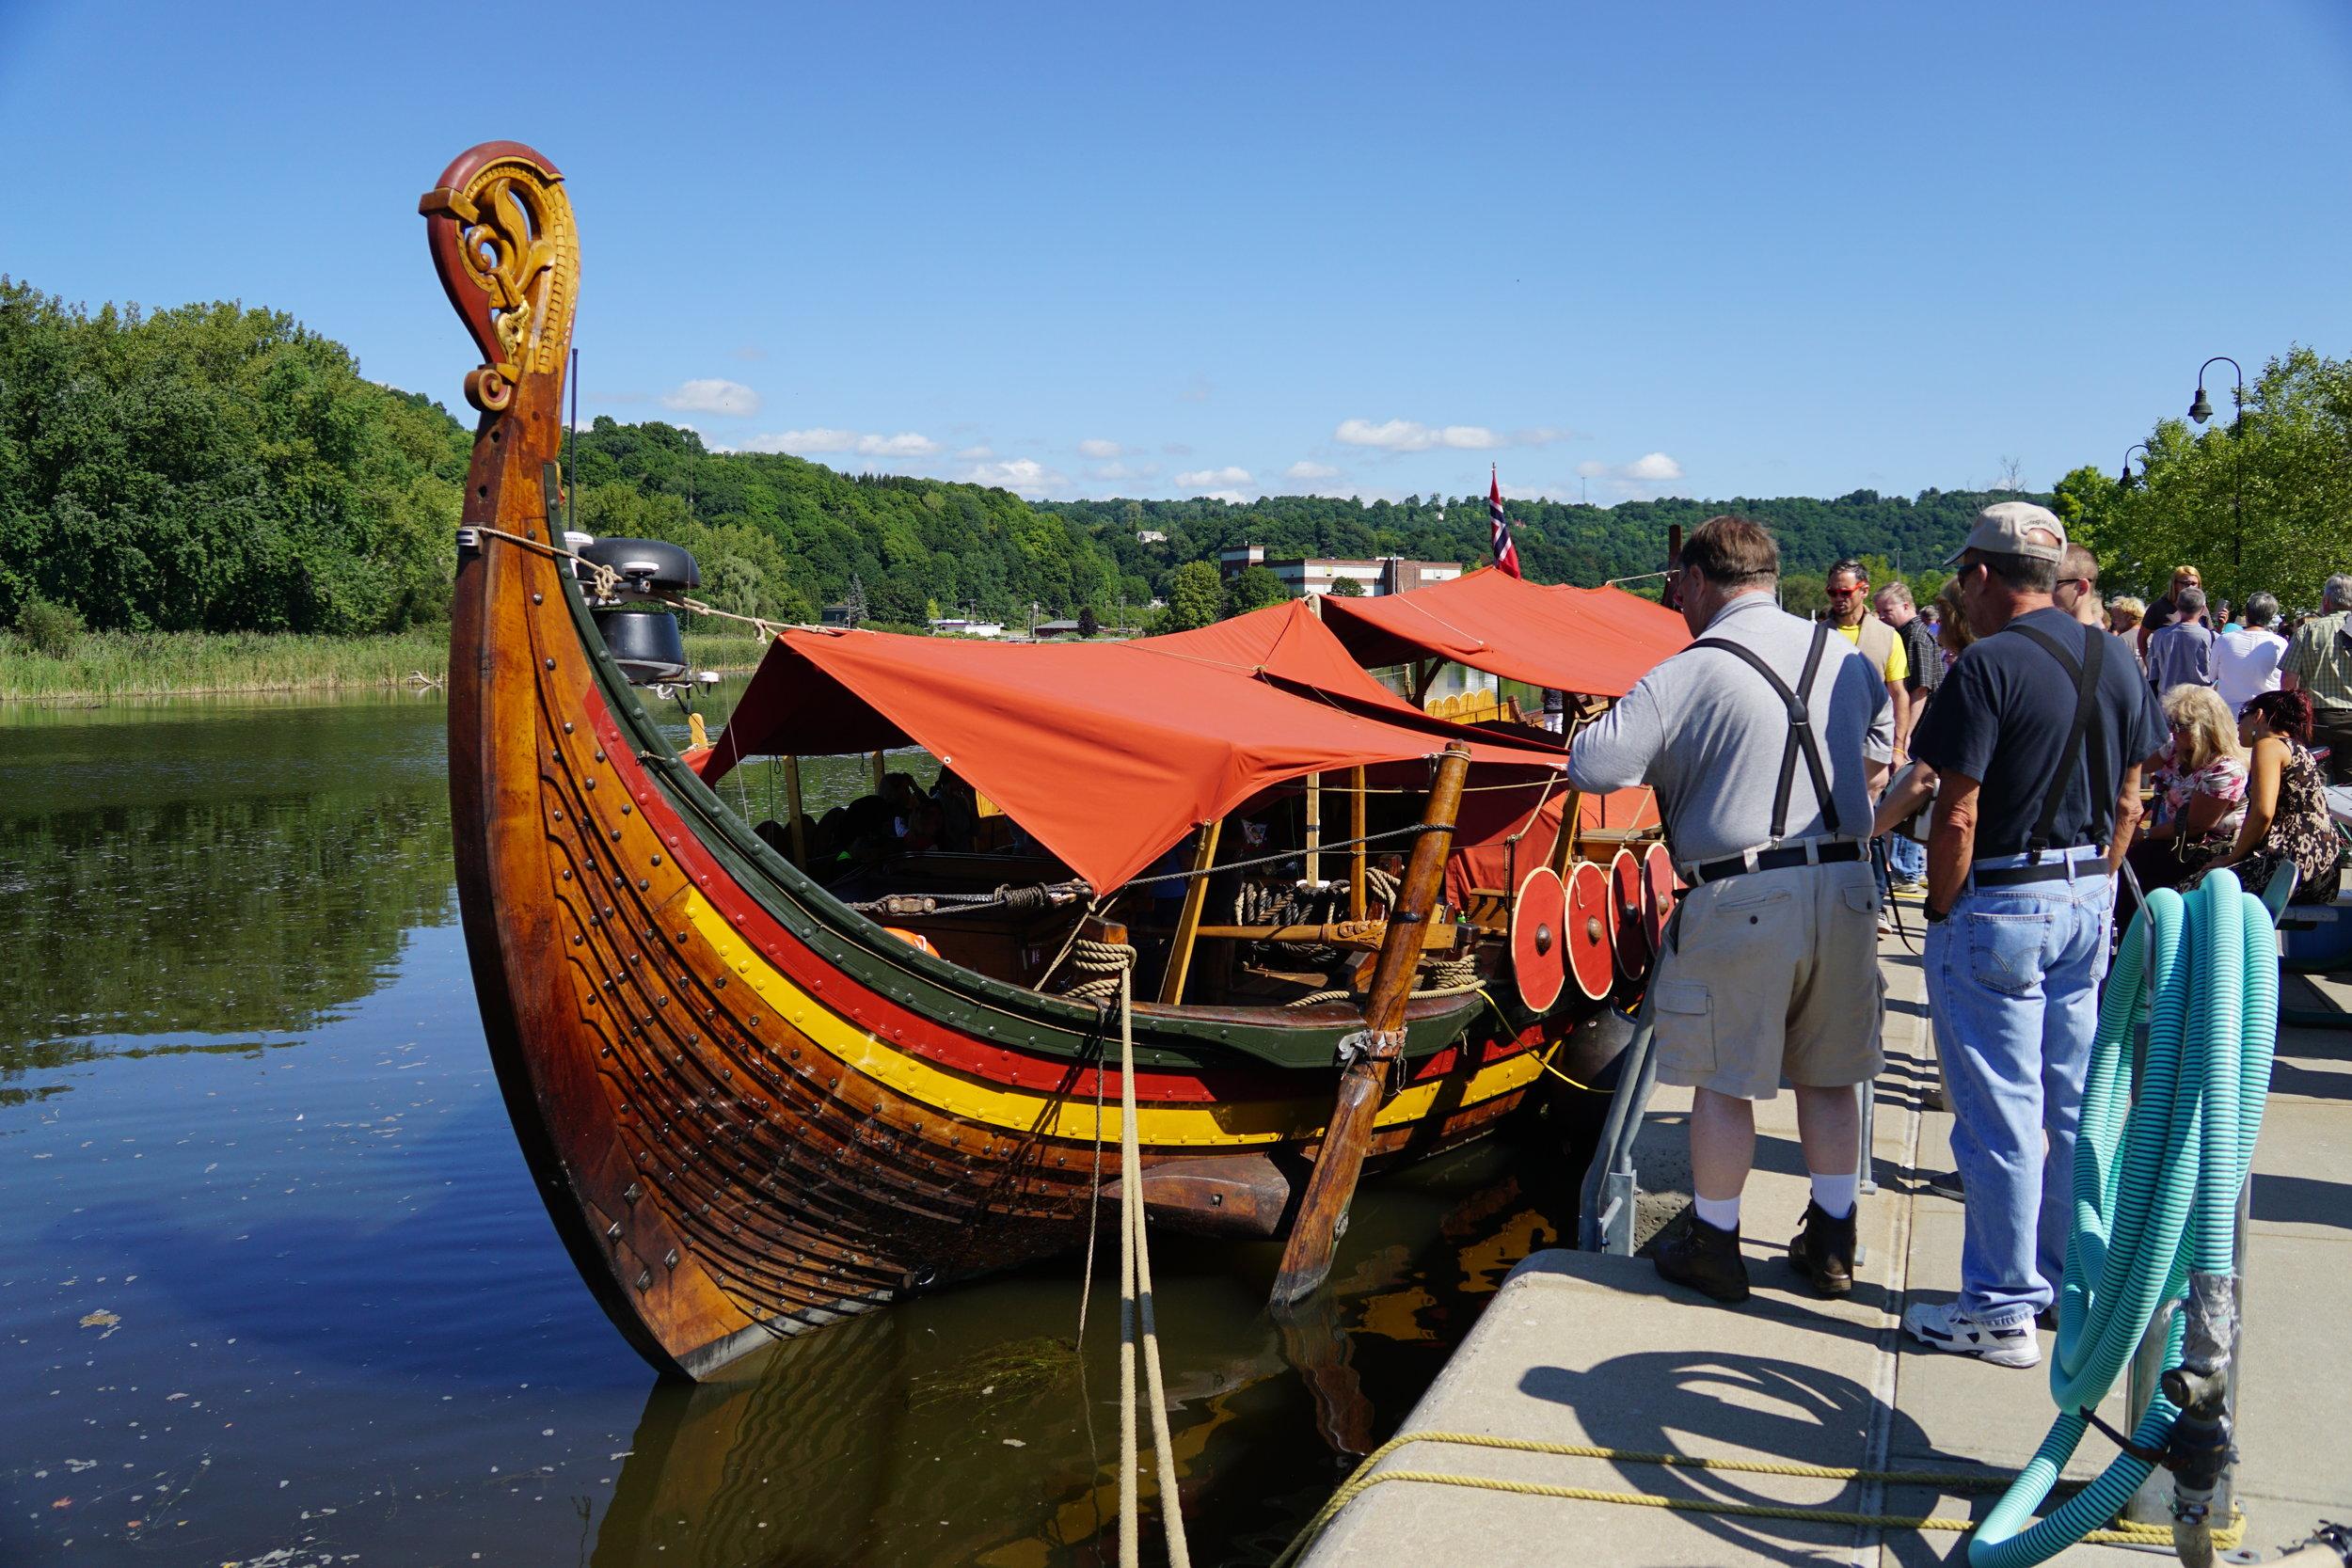 Draken Harald Hårfagre docked.